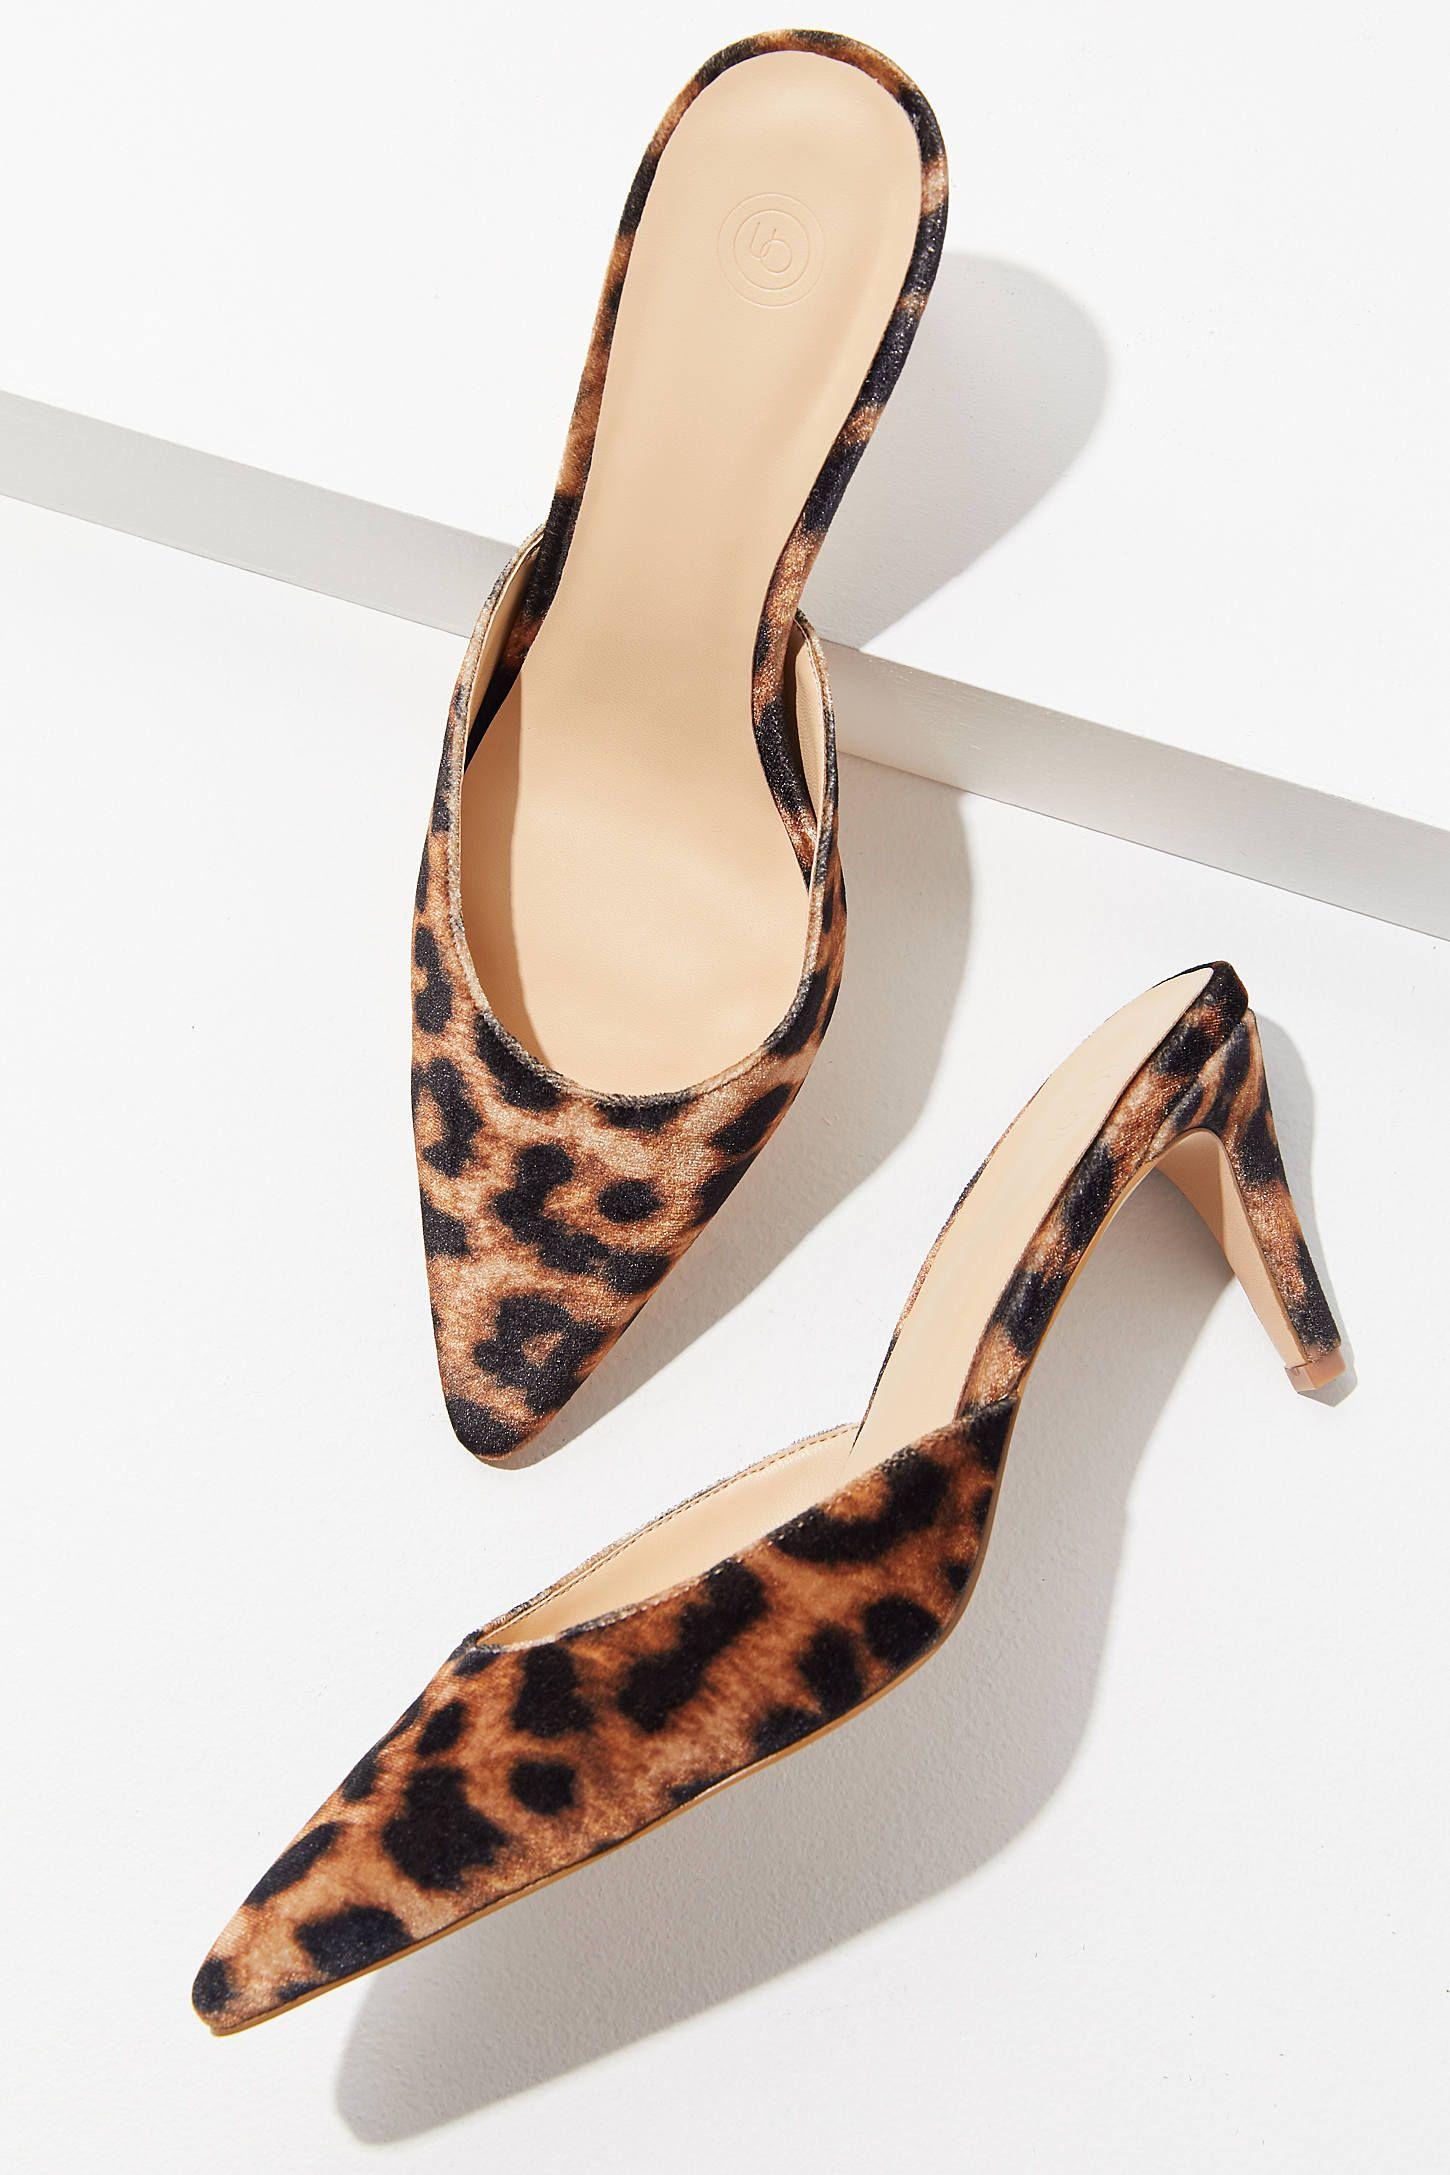 UO Leopard Kitten Heel Mule | Kitten